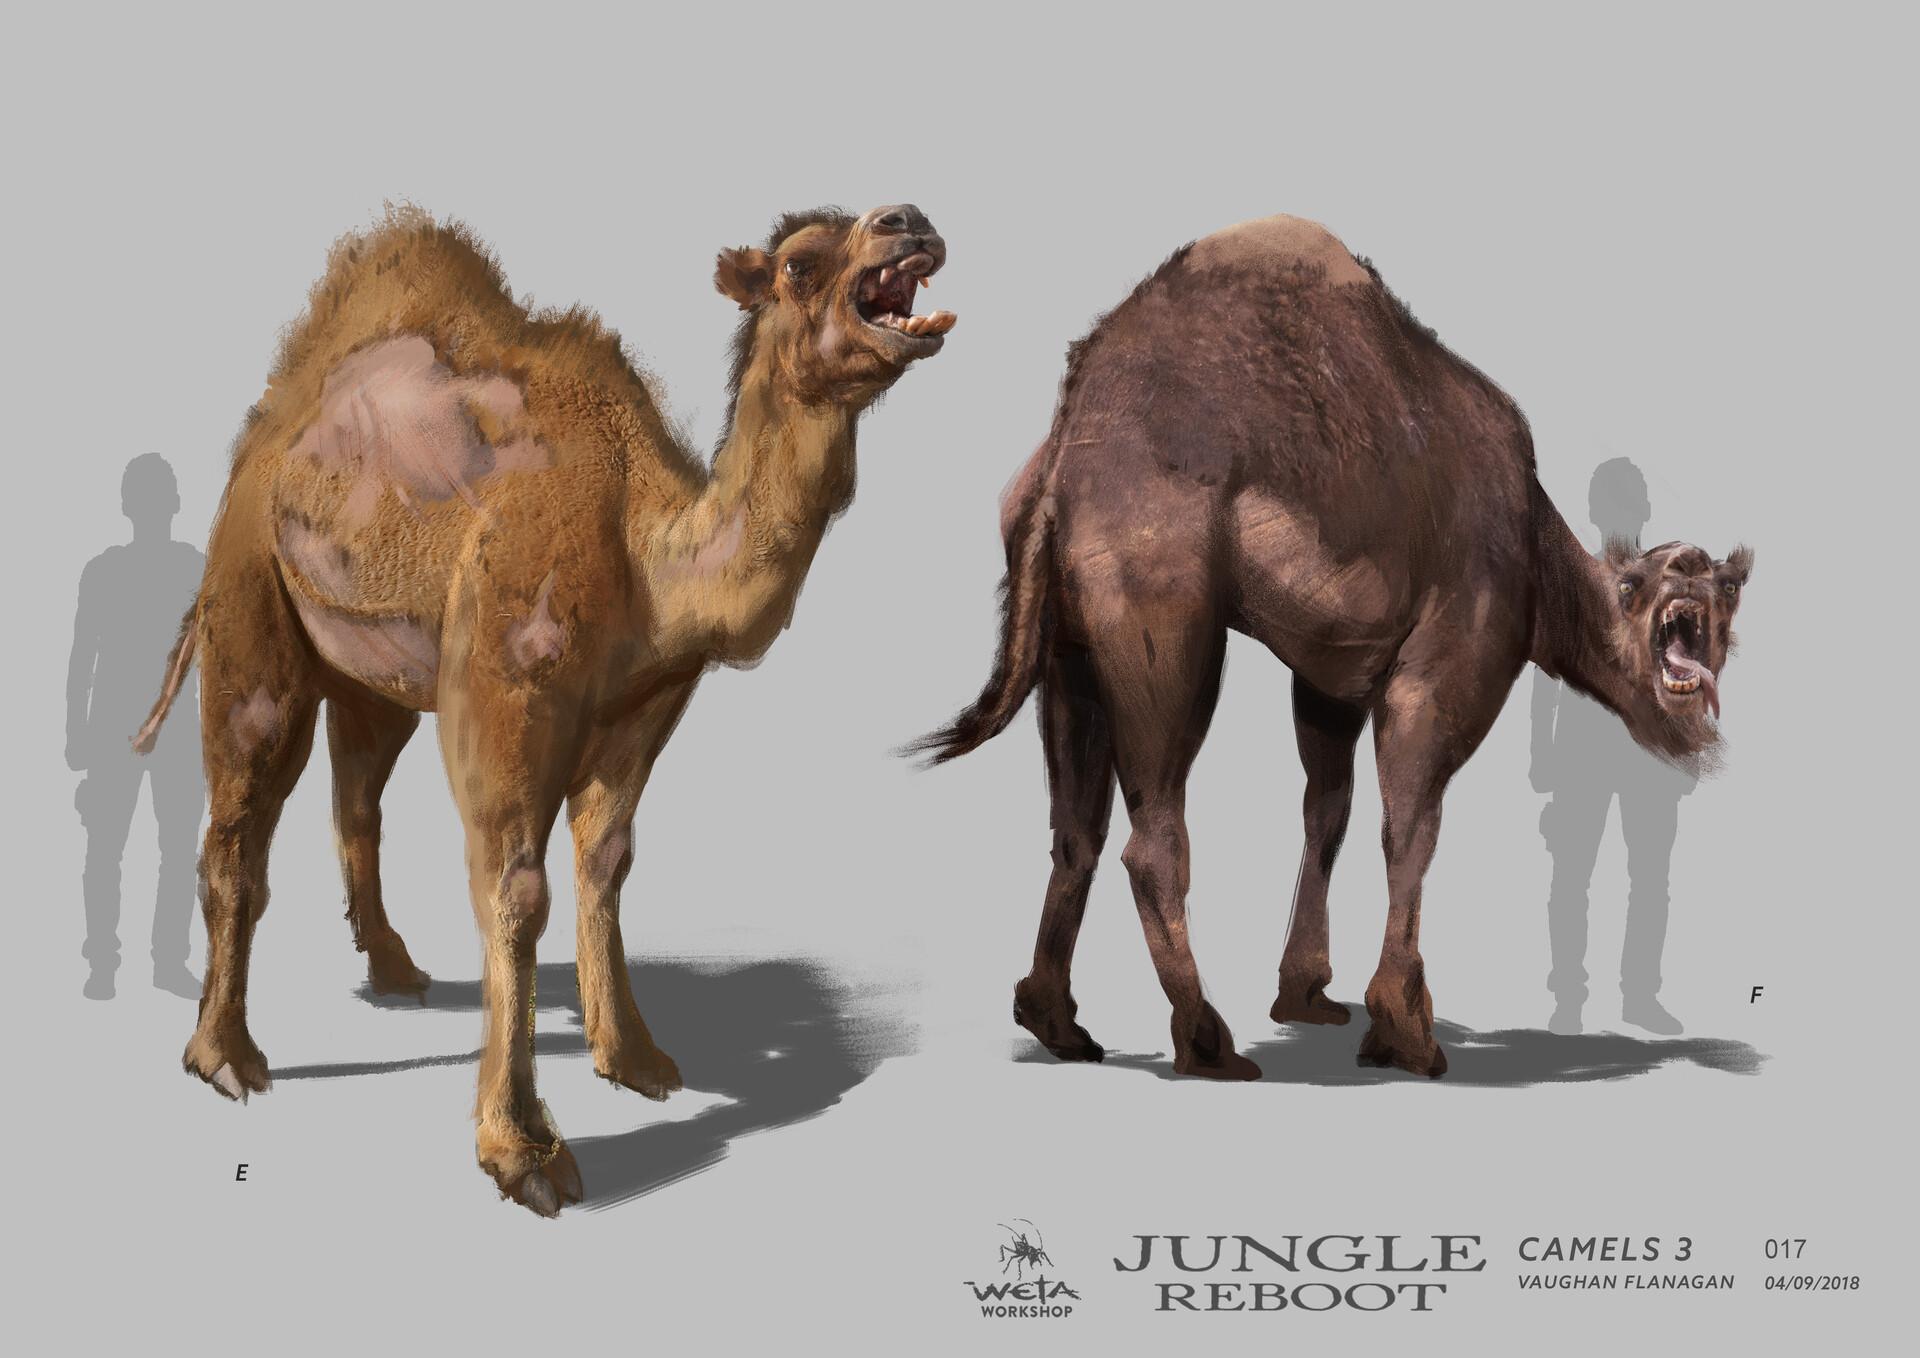 Weta workshop design studio 017 jr camels 3 vf